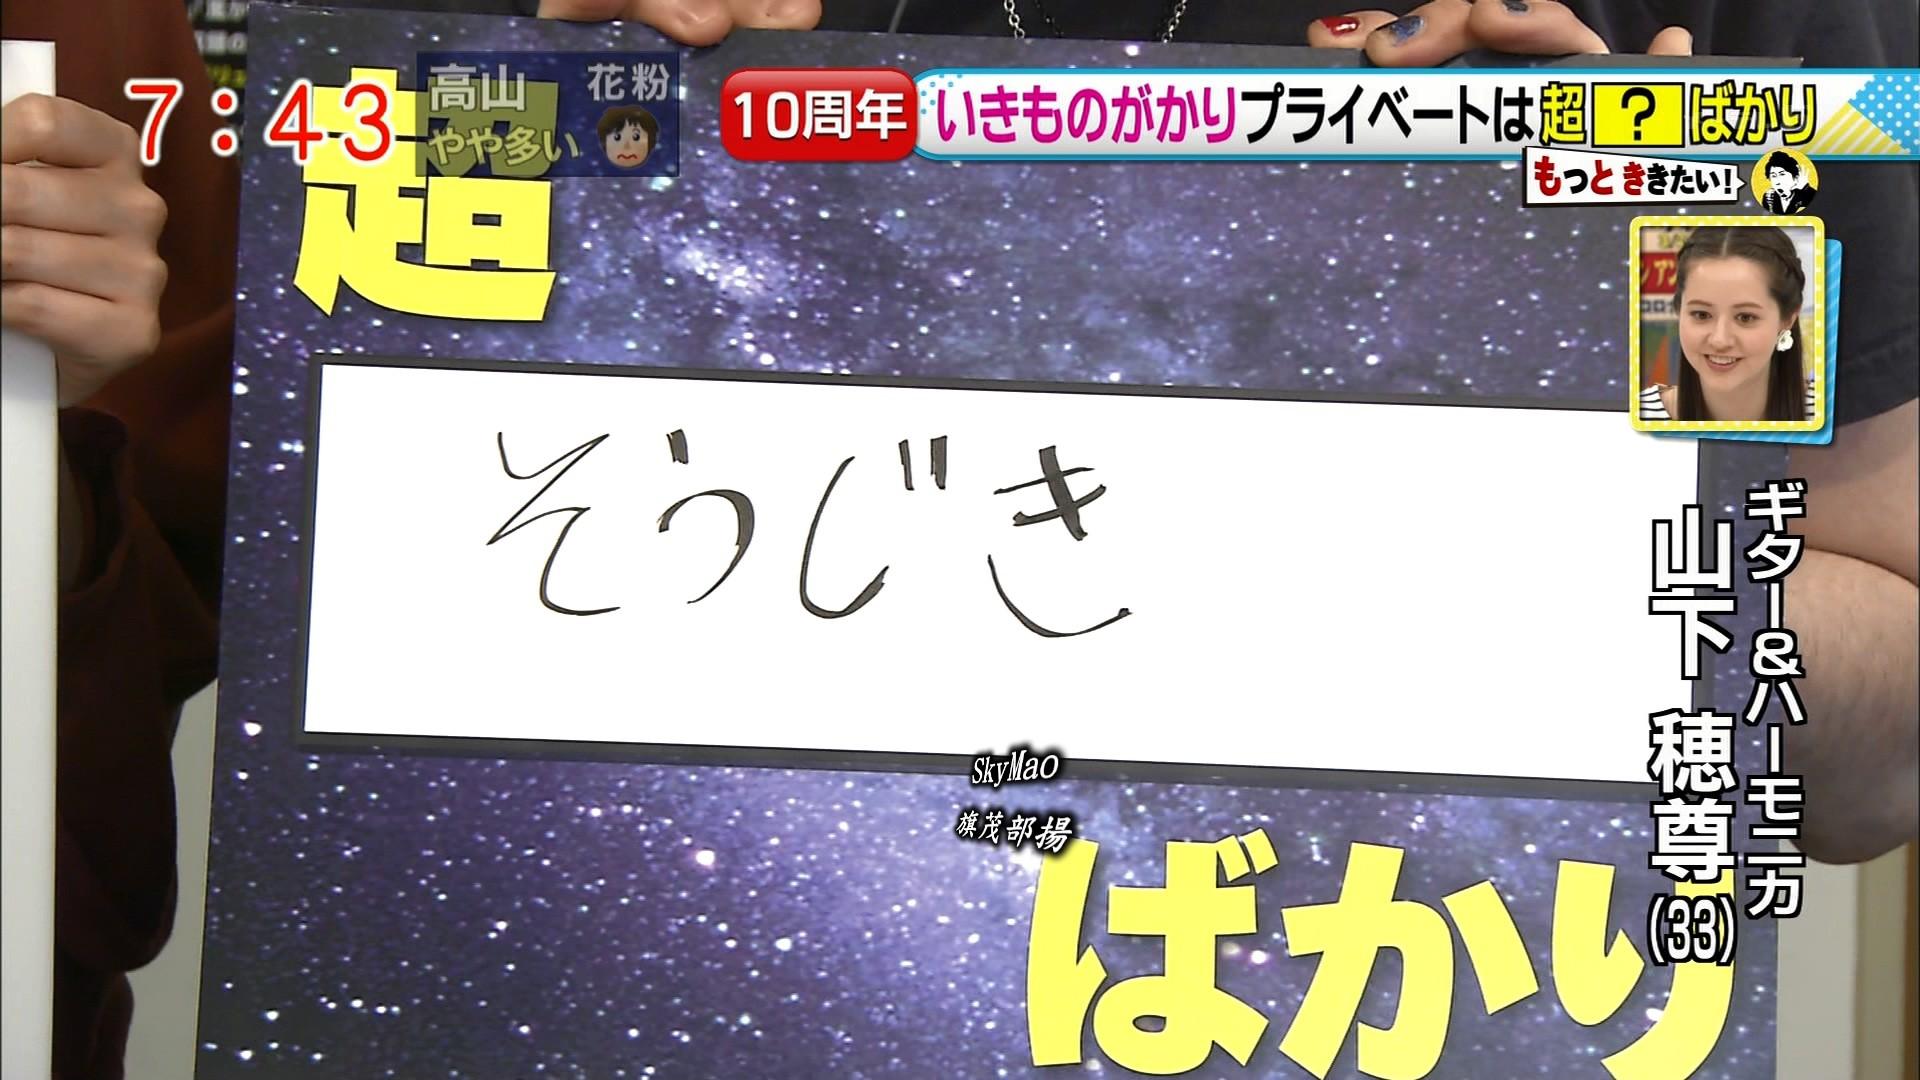 2016.03.28 いきものがかり(ドデスカ!).ts_20160328_140928.773